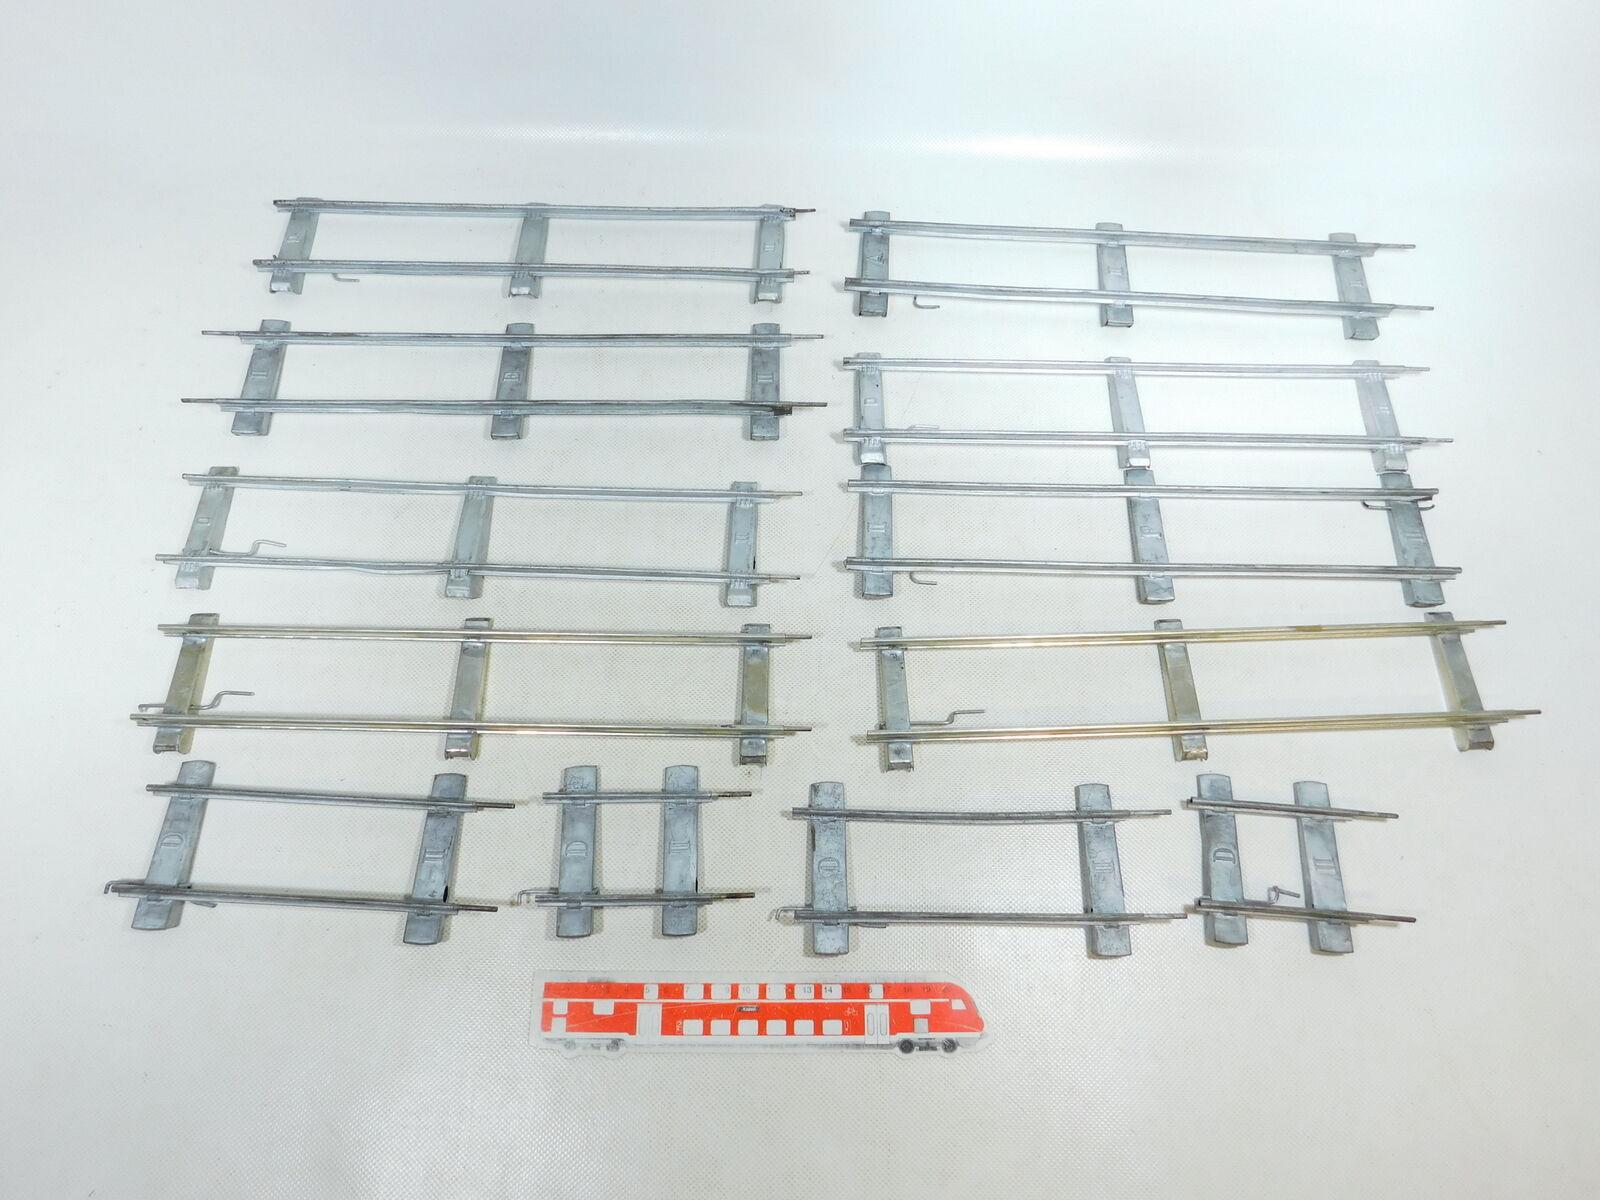 Bw277-2  12x planos inclinados umbral-vía para reloj-explotación (aprox. 50 mm ancho de vía)